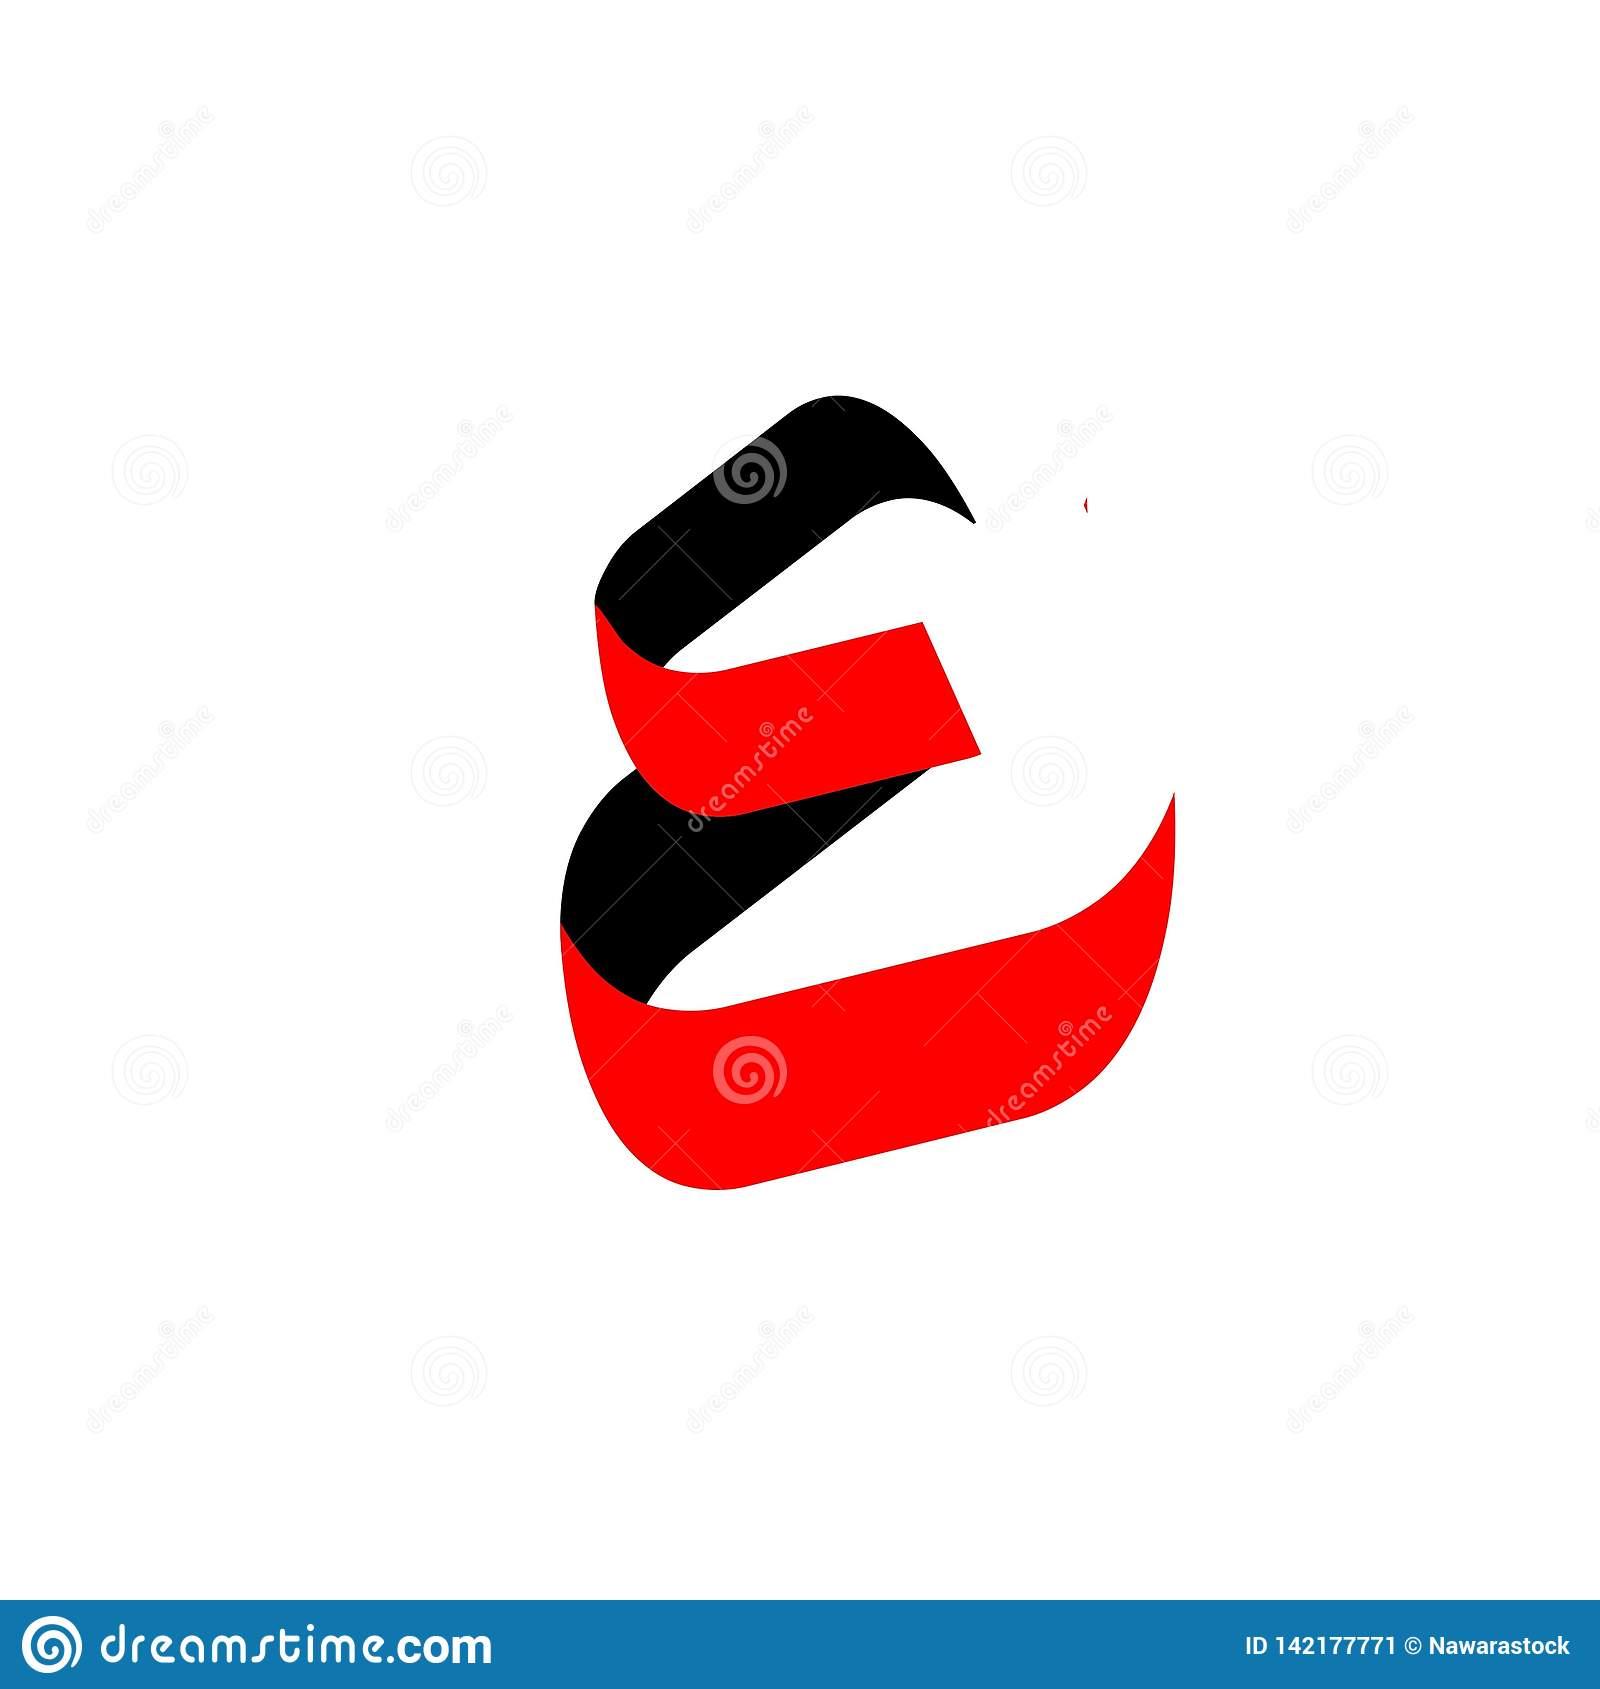 De Couleur Noire De La Lettre E Couleur Arabe Et Rouge Pour destiné Dessin Lettre E